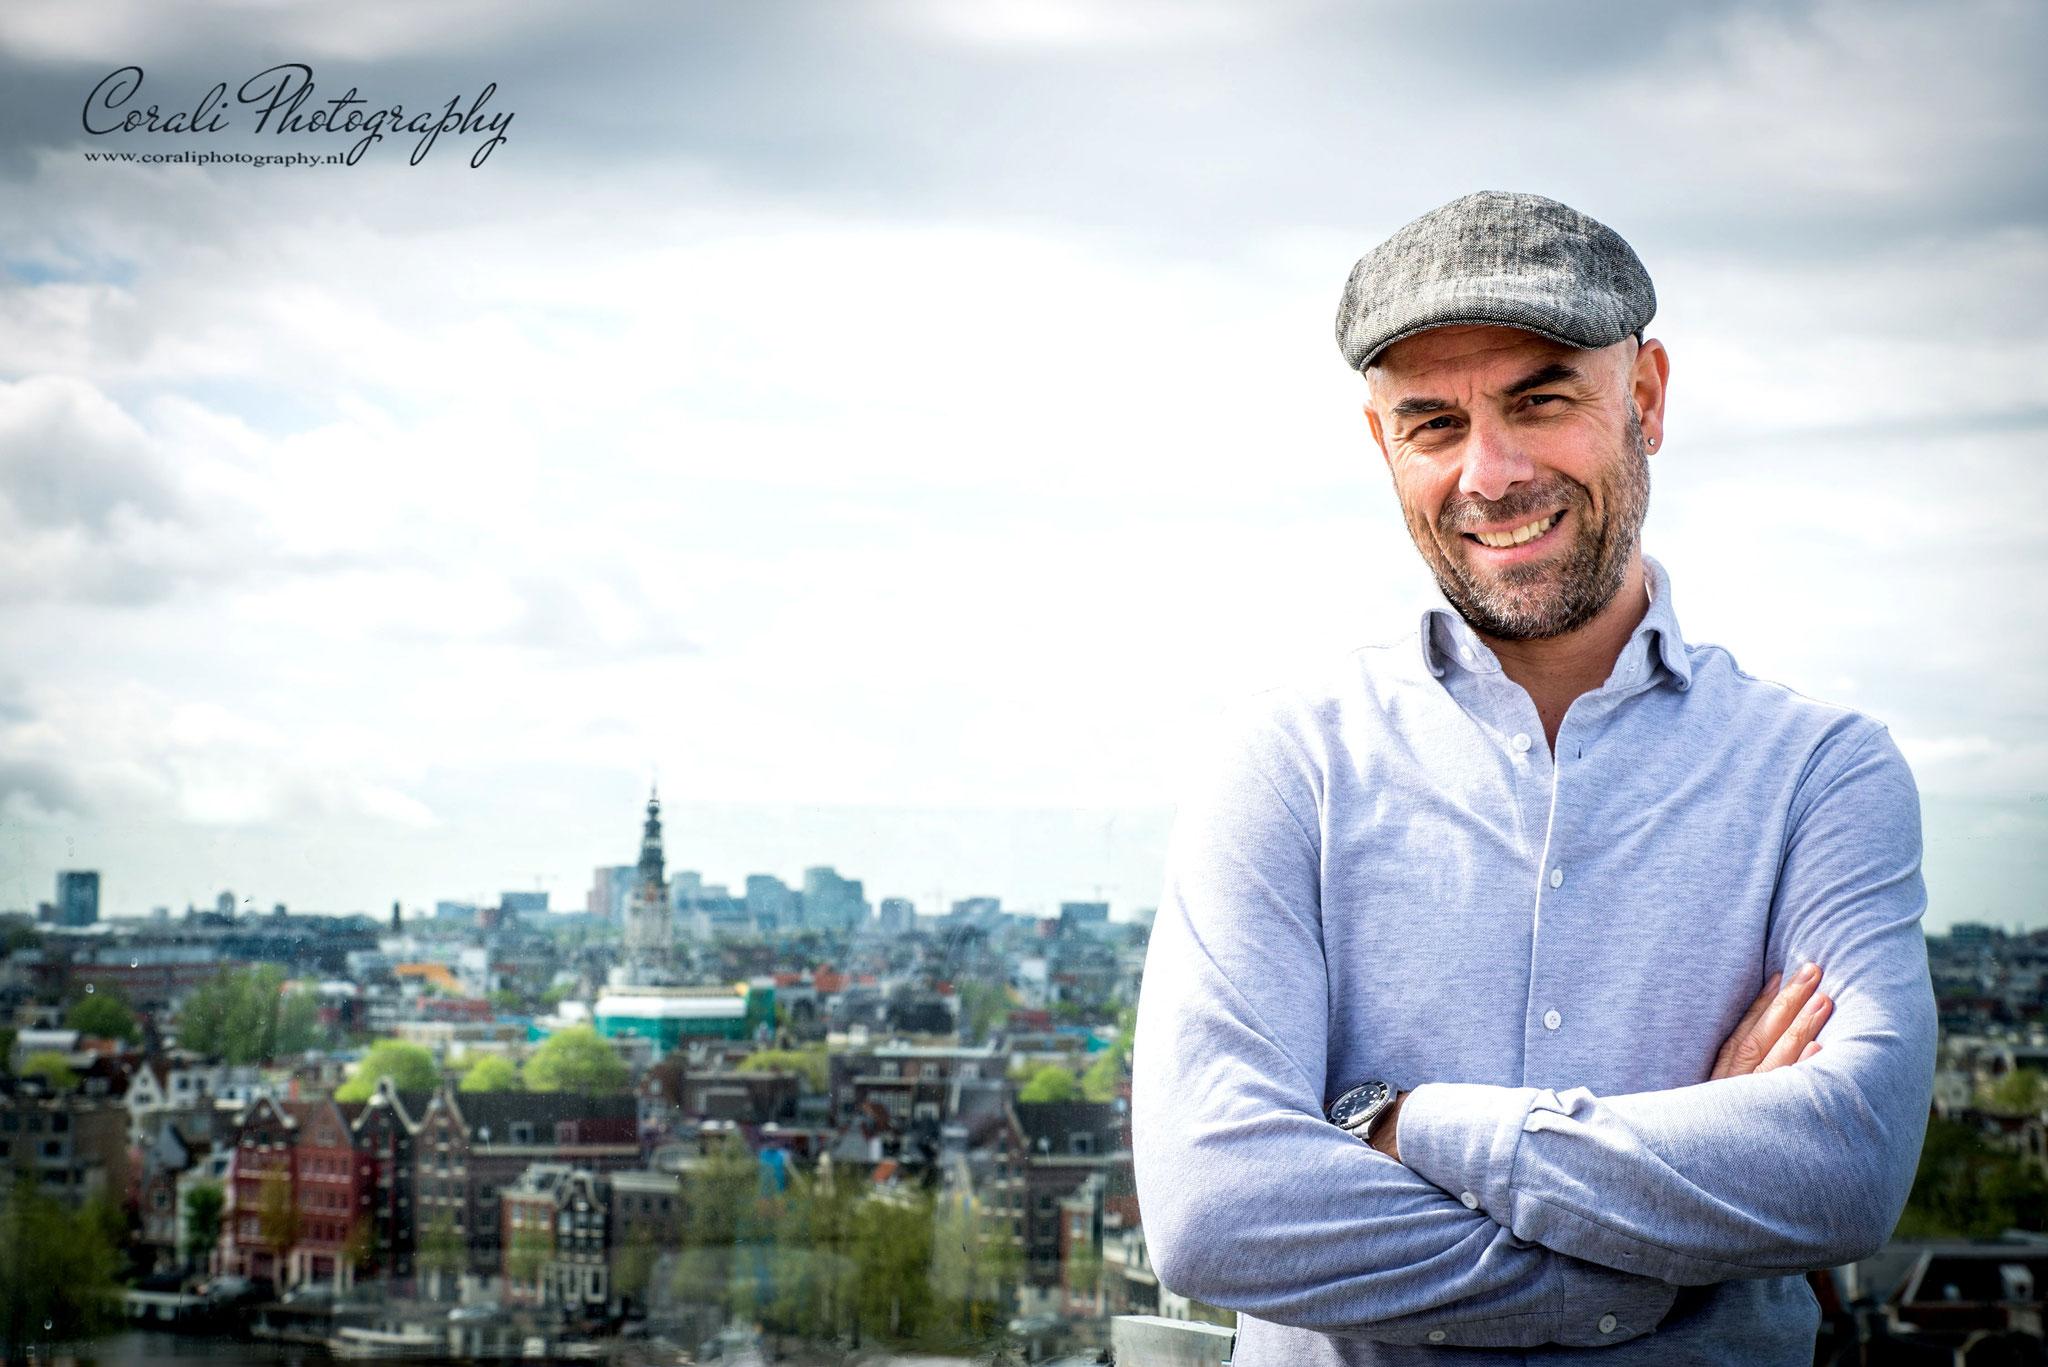 Tjeerd Oosterhuis